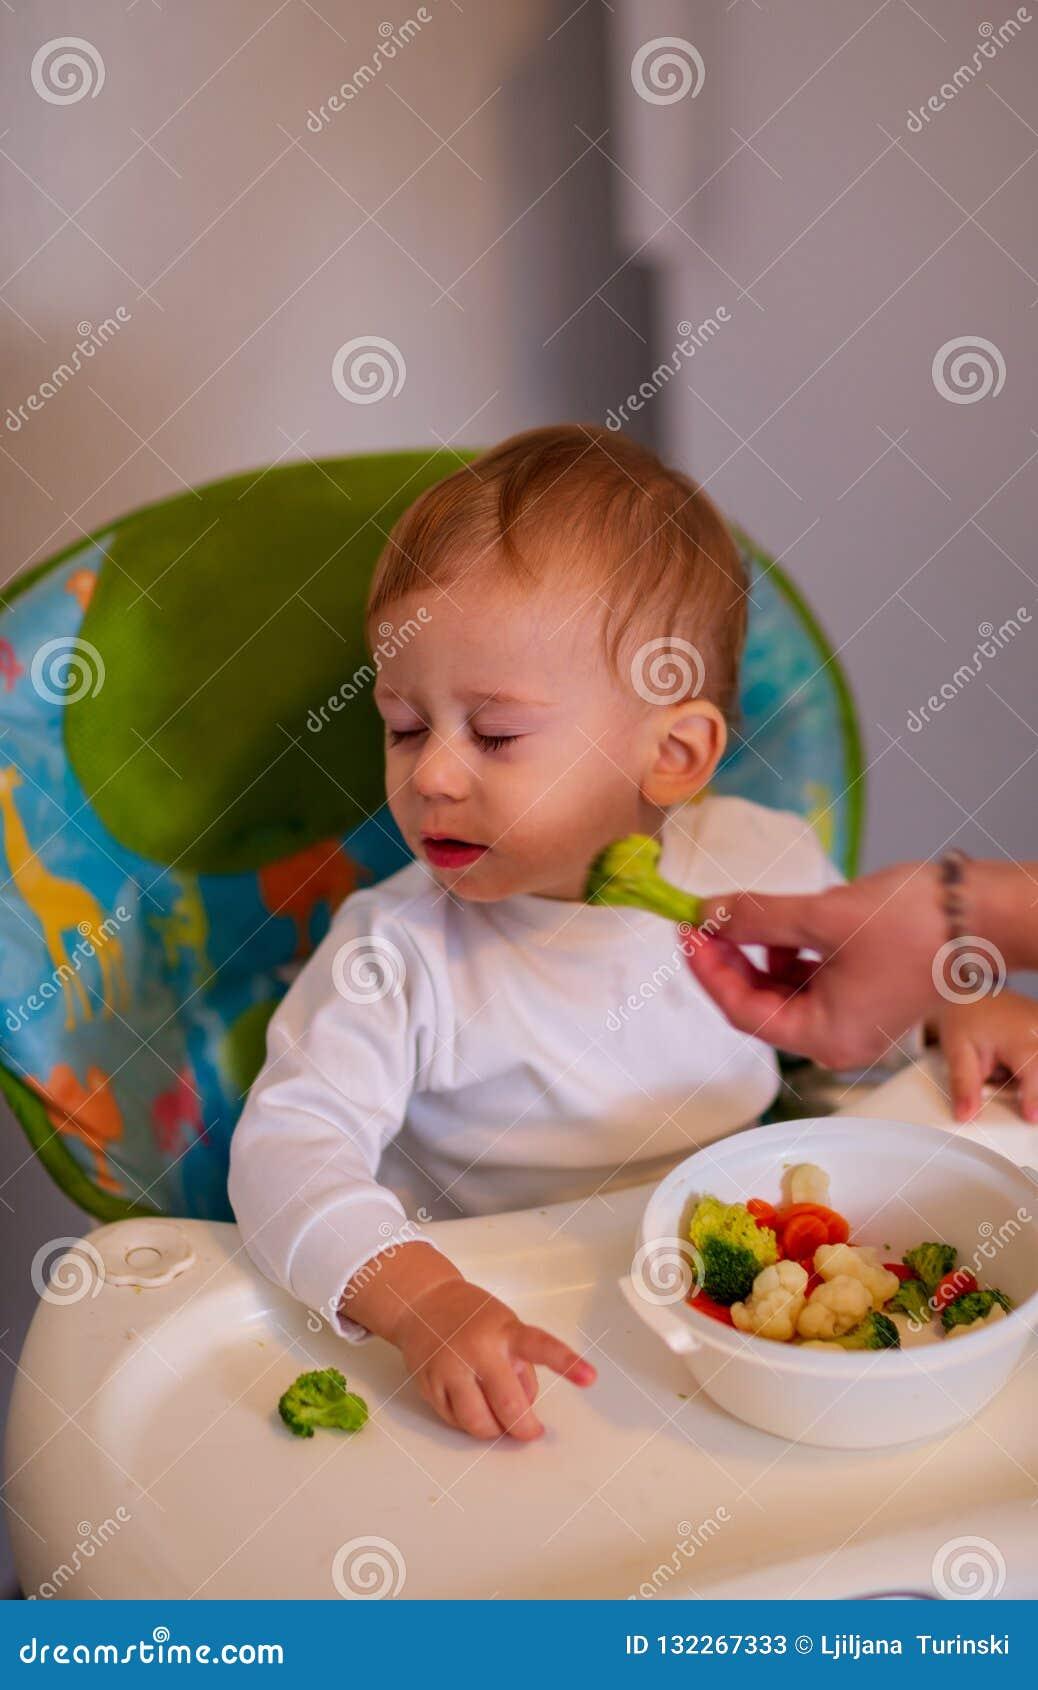 Voedende baby met groenten - de Mooie baby weigert te eten broc